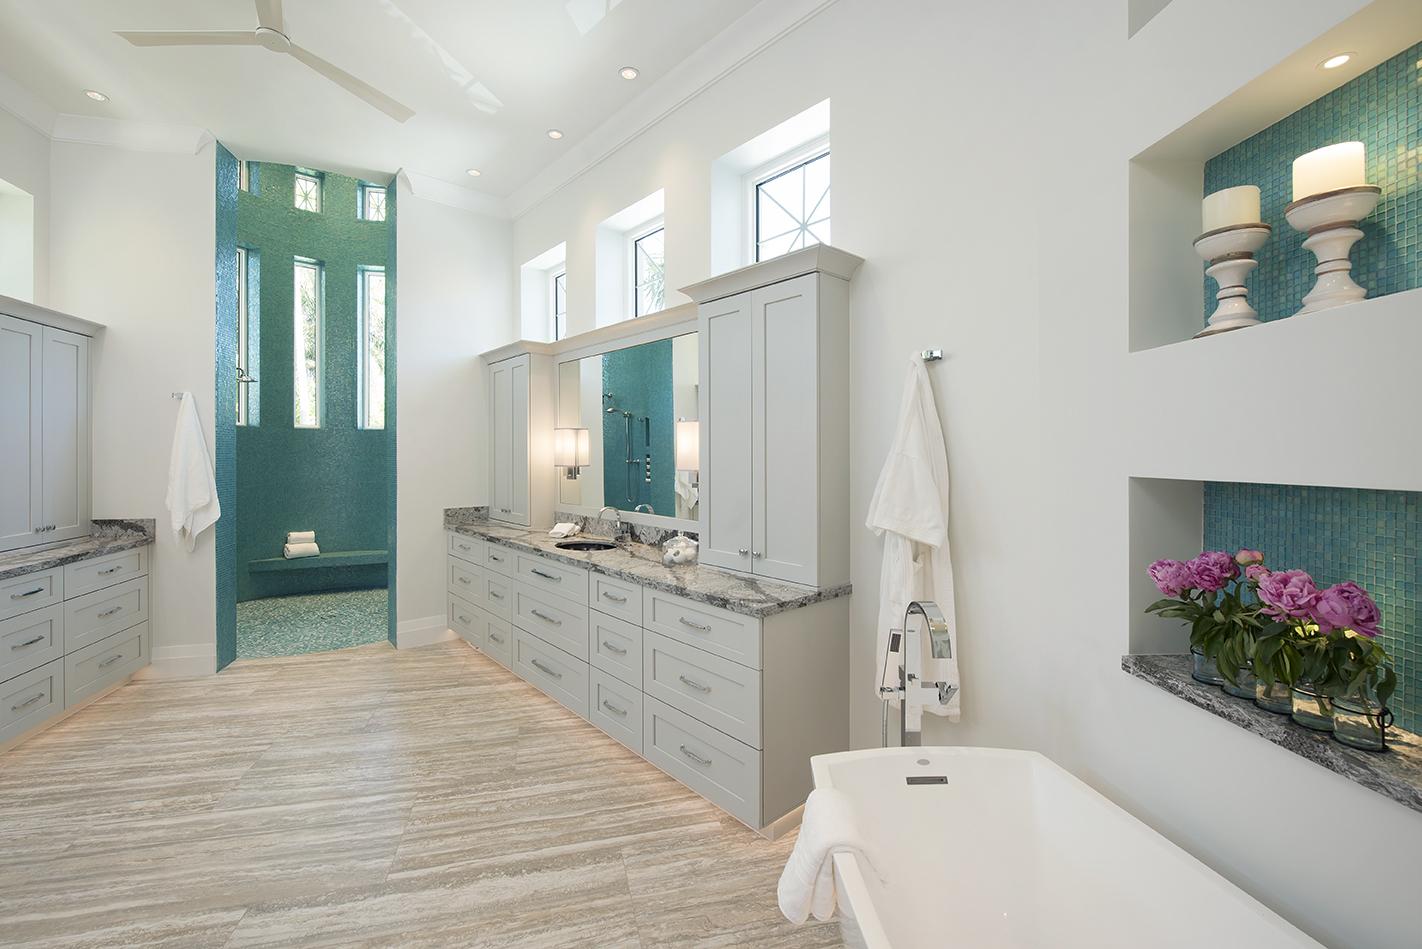 TheKitchenworks Blue Bathroom